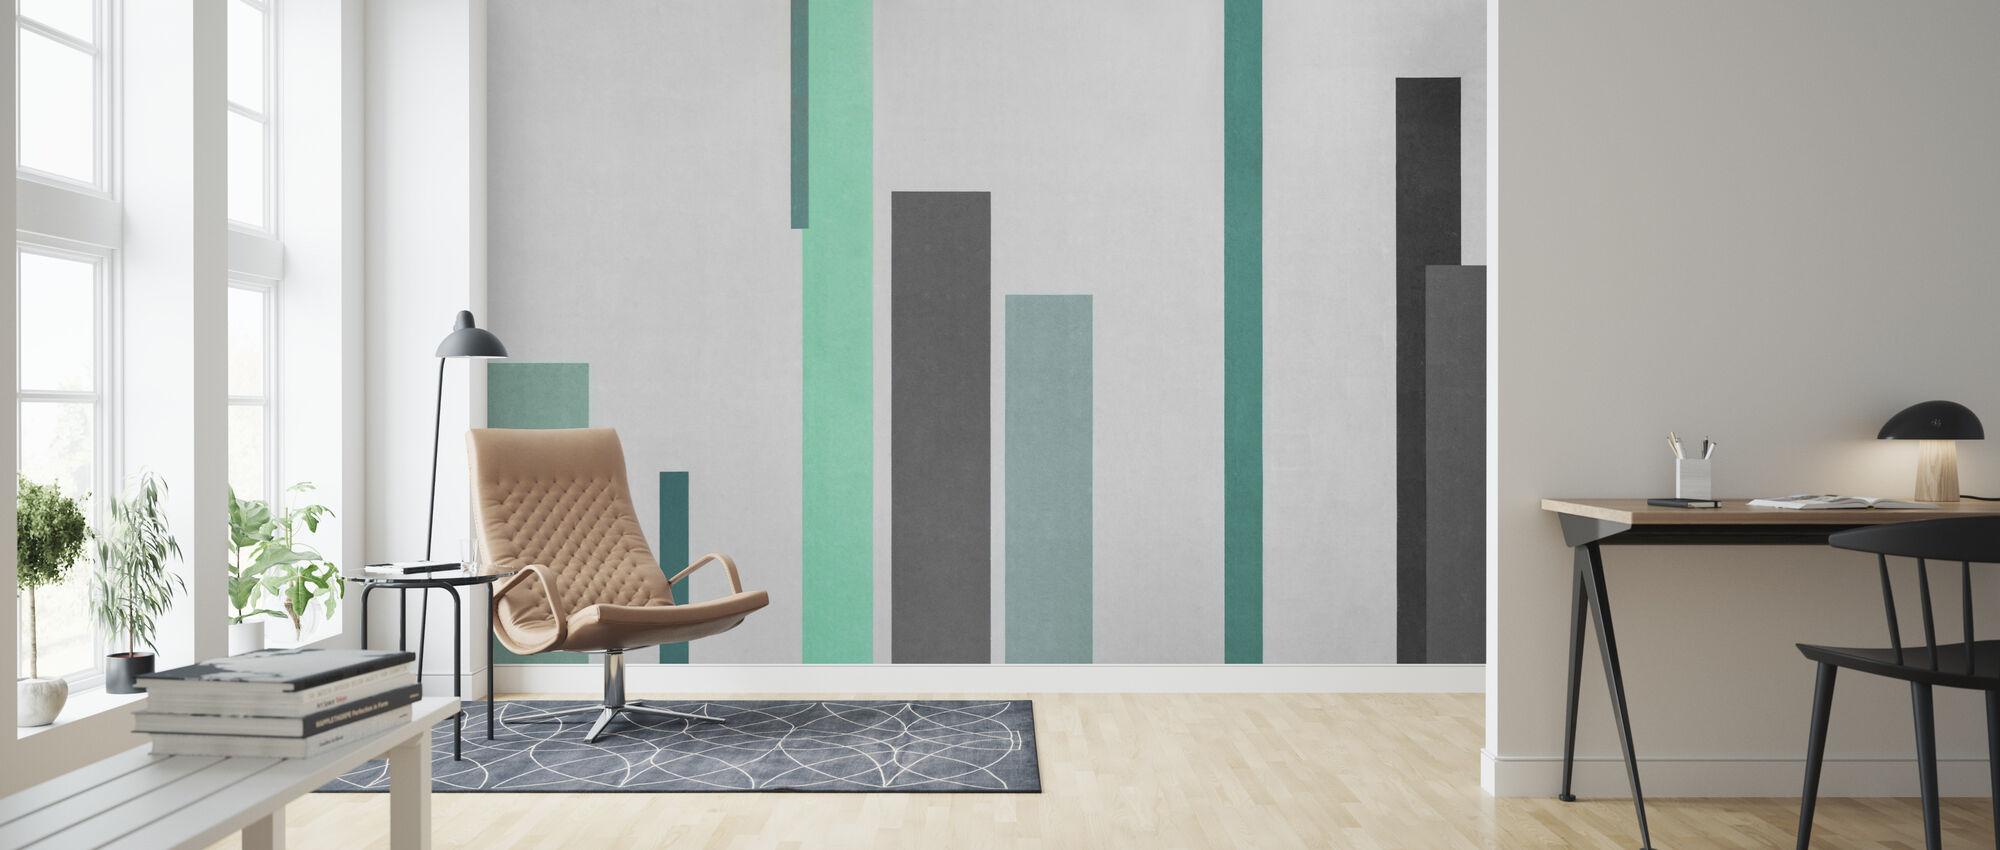 Grøn og grå tekstur - Tapet - Stue